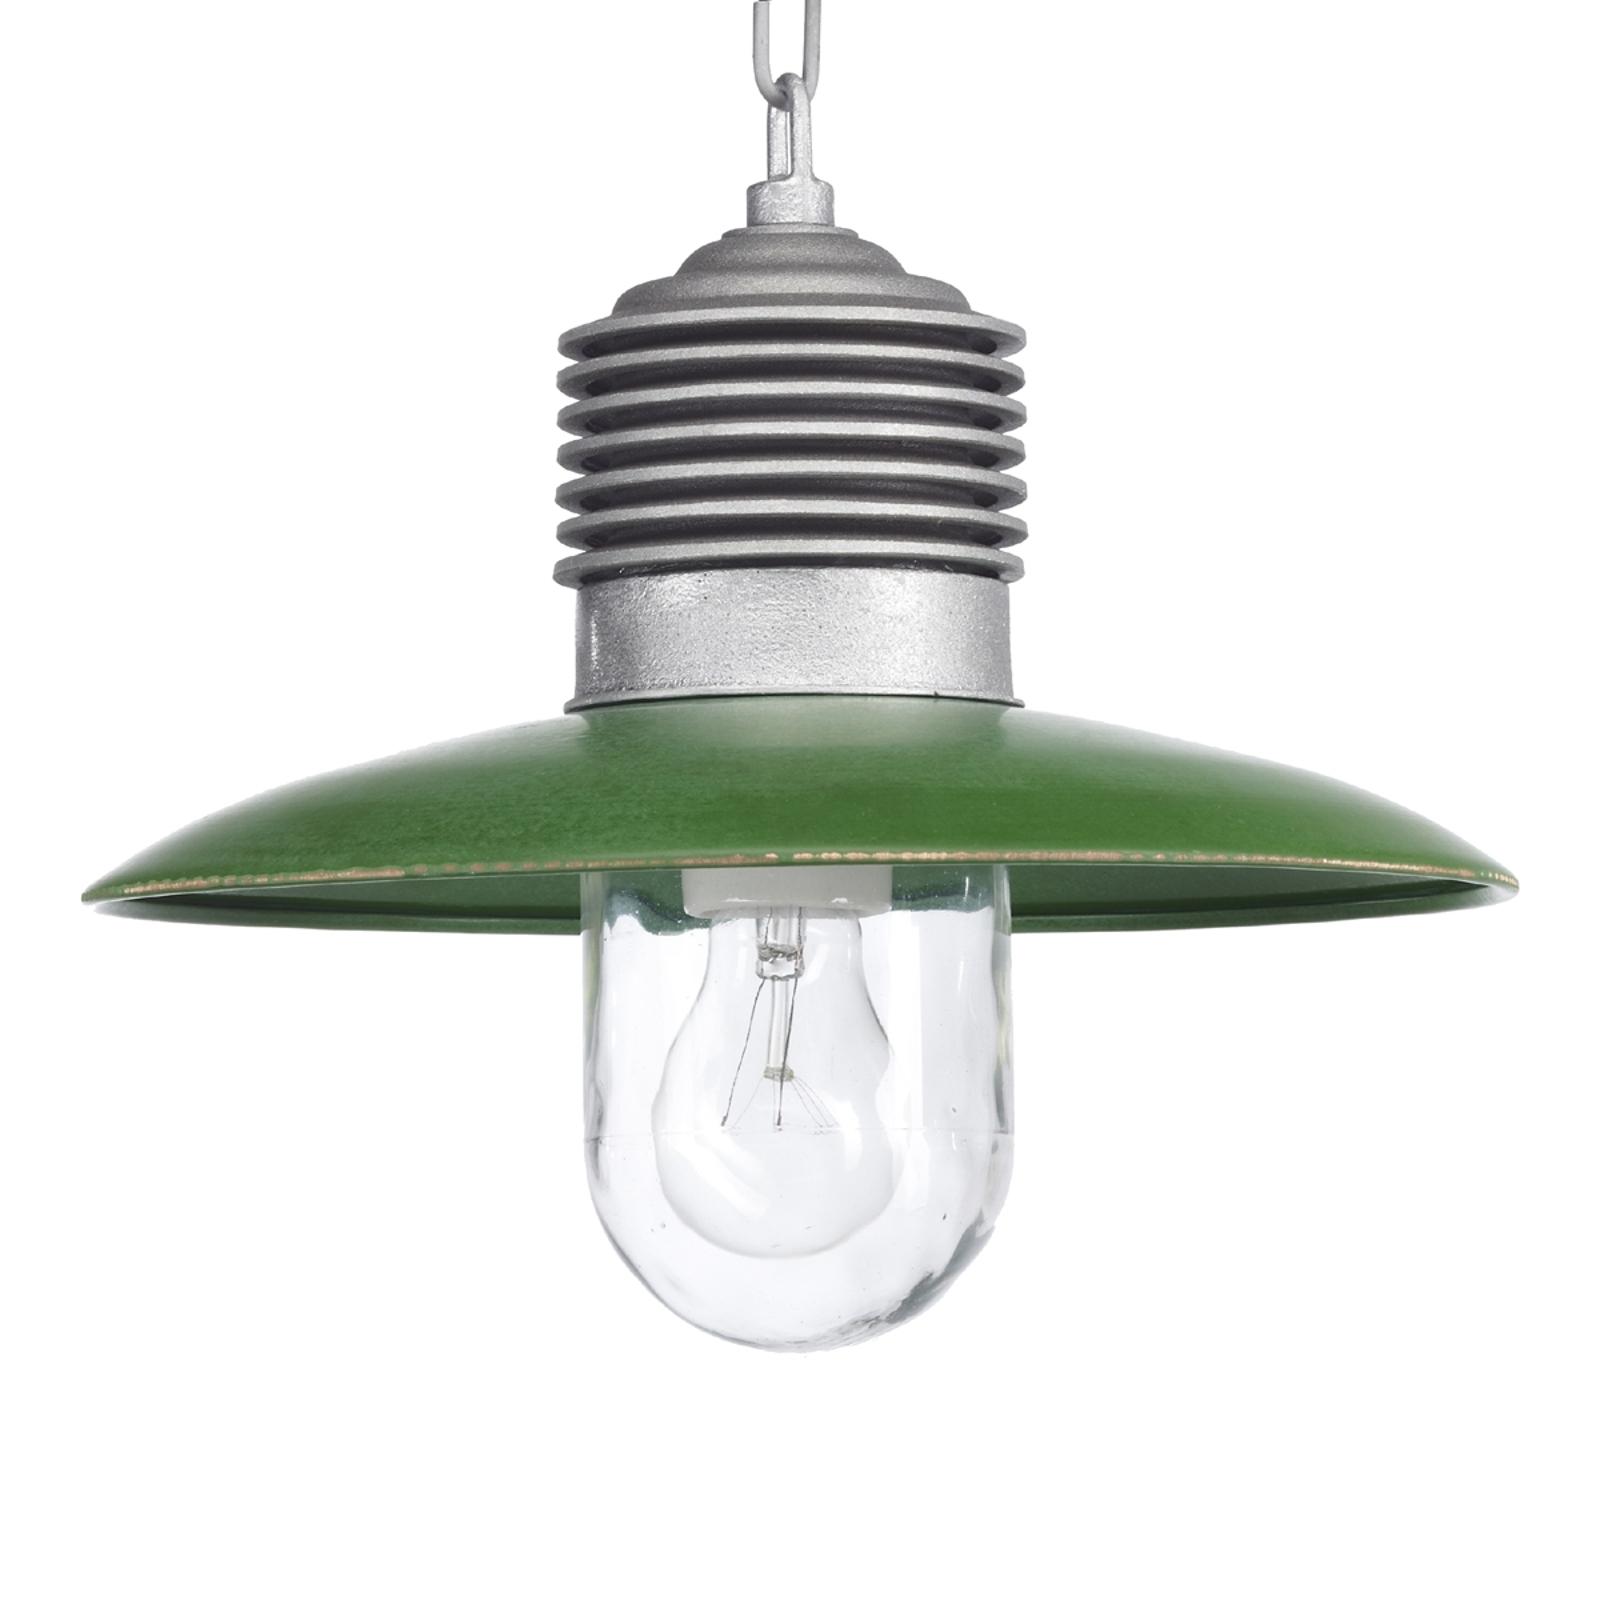 Suspension d'extérieur Ampere aluminium et vert